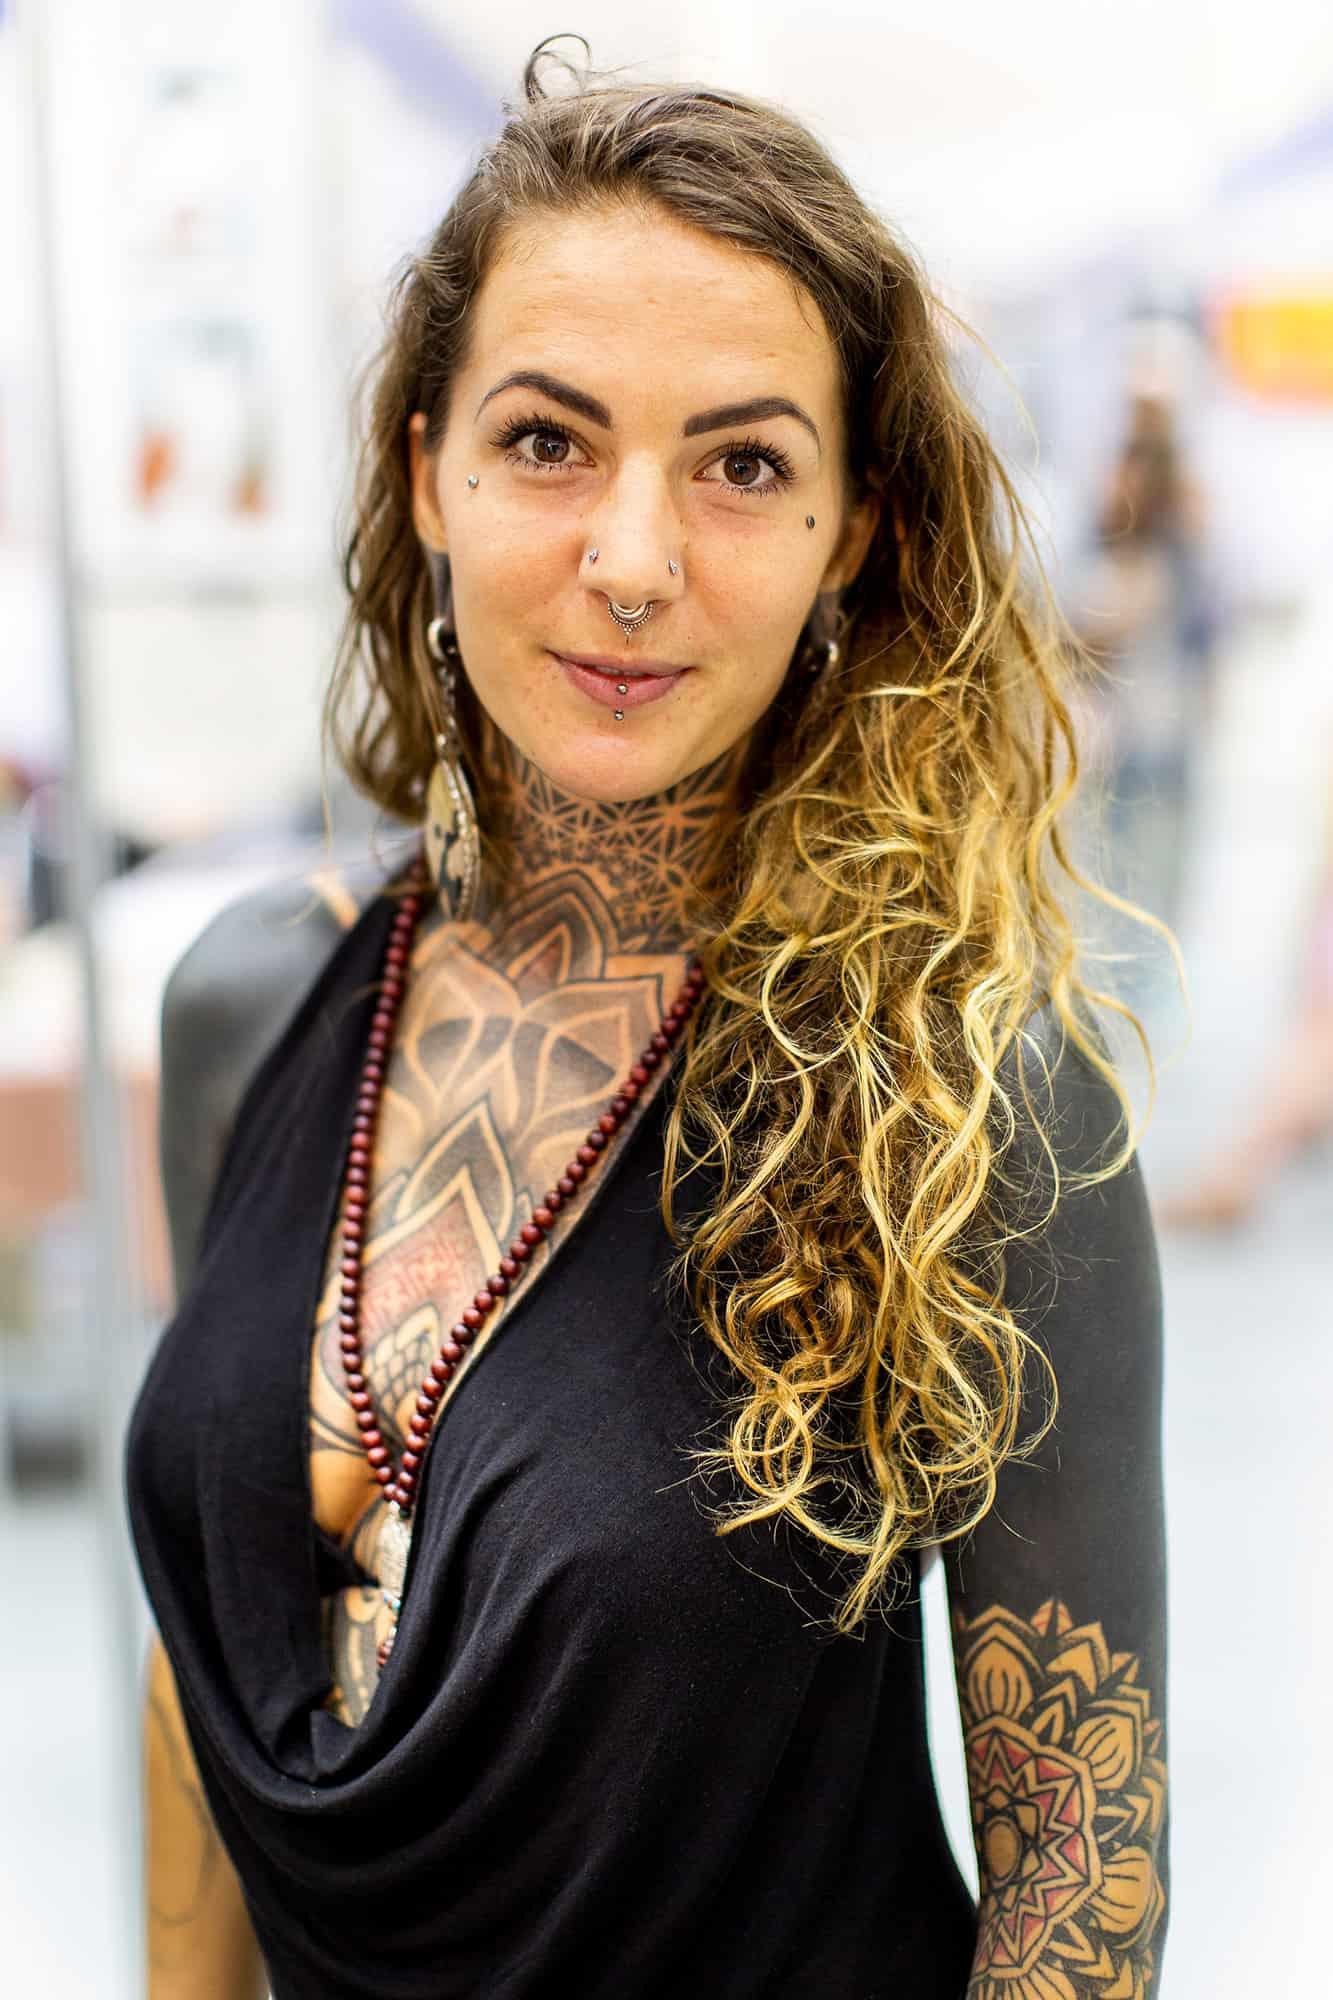 fotograaf tattoo portret